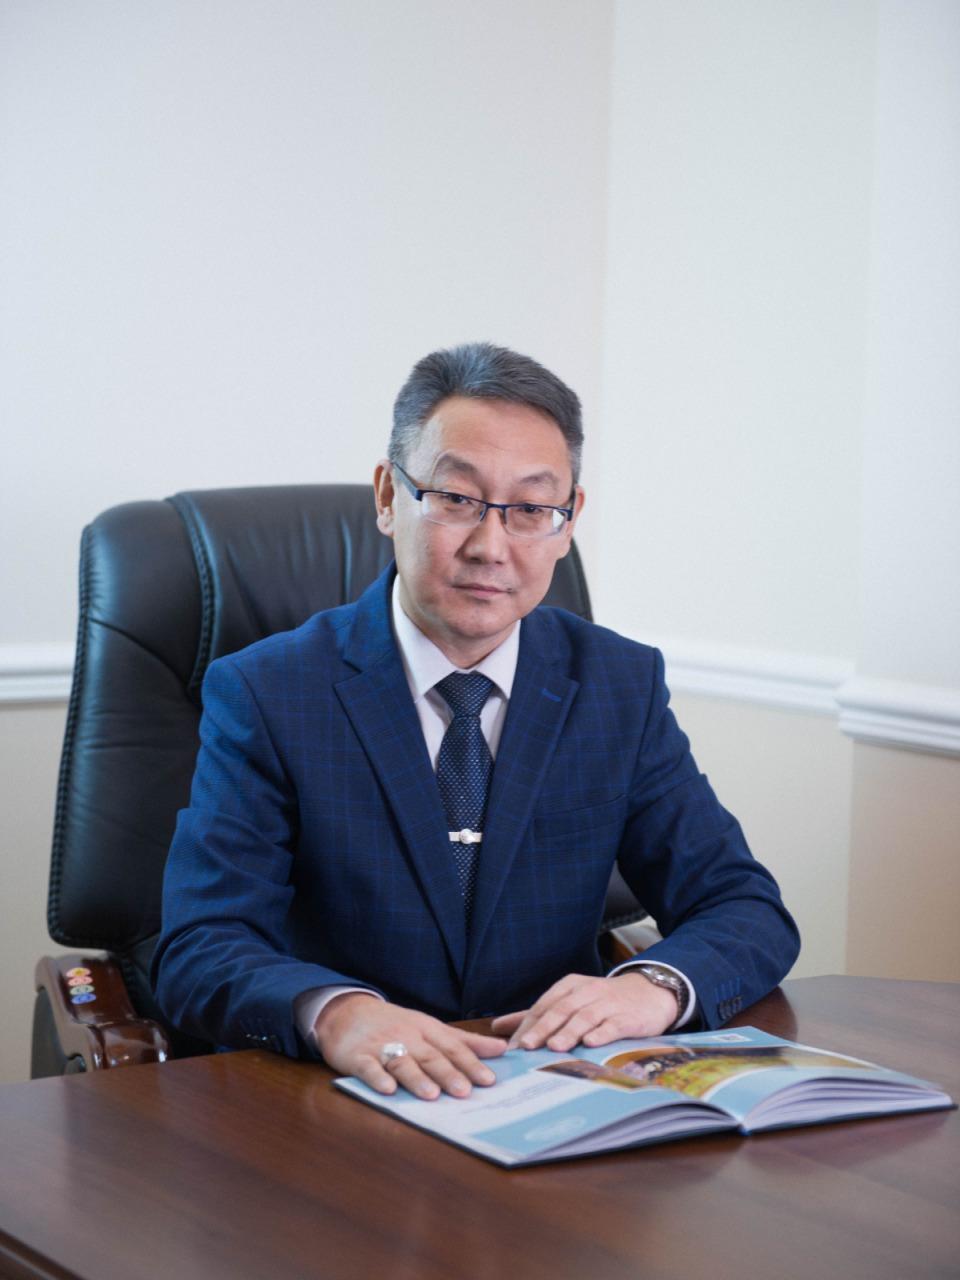 Константин Кривошапкин поздравляет с 65-летием высшего аграрного образования в Якутии